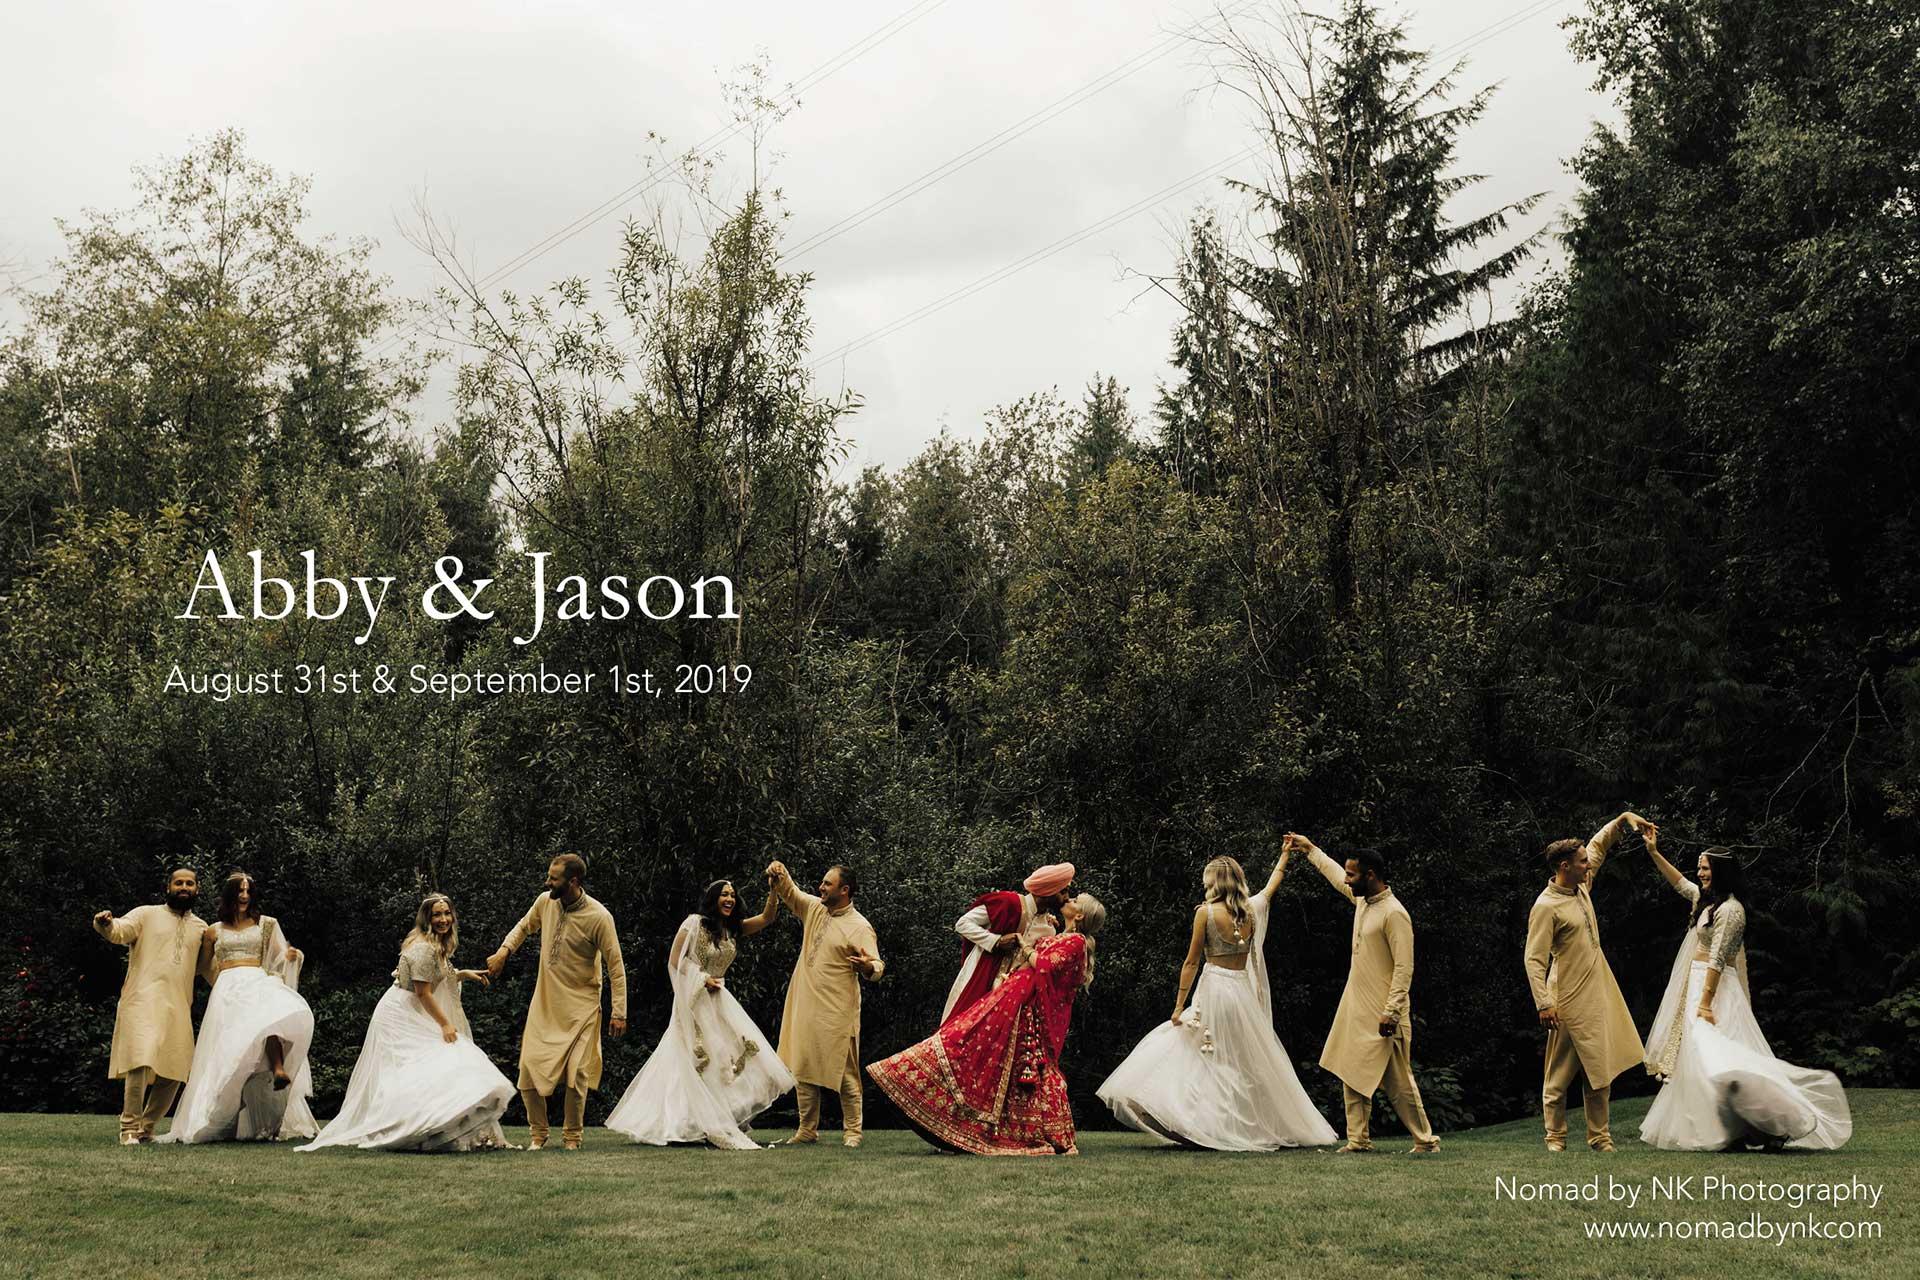 Abby and Jason's Wedding